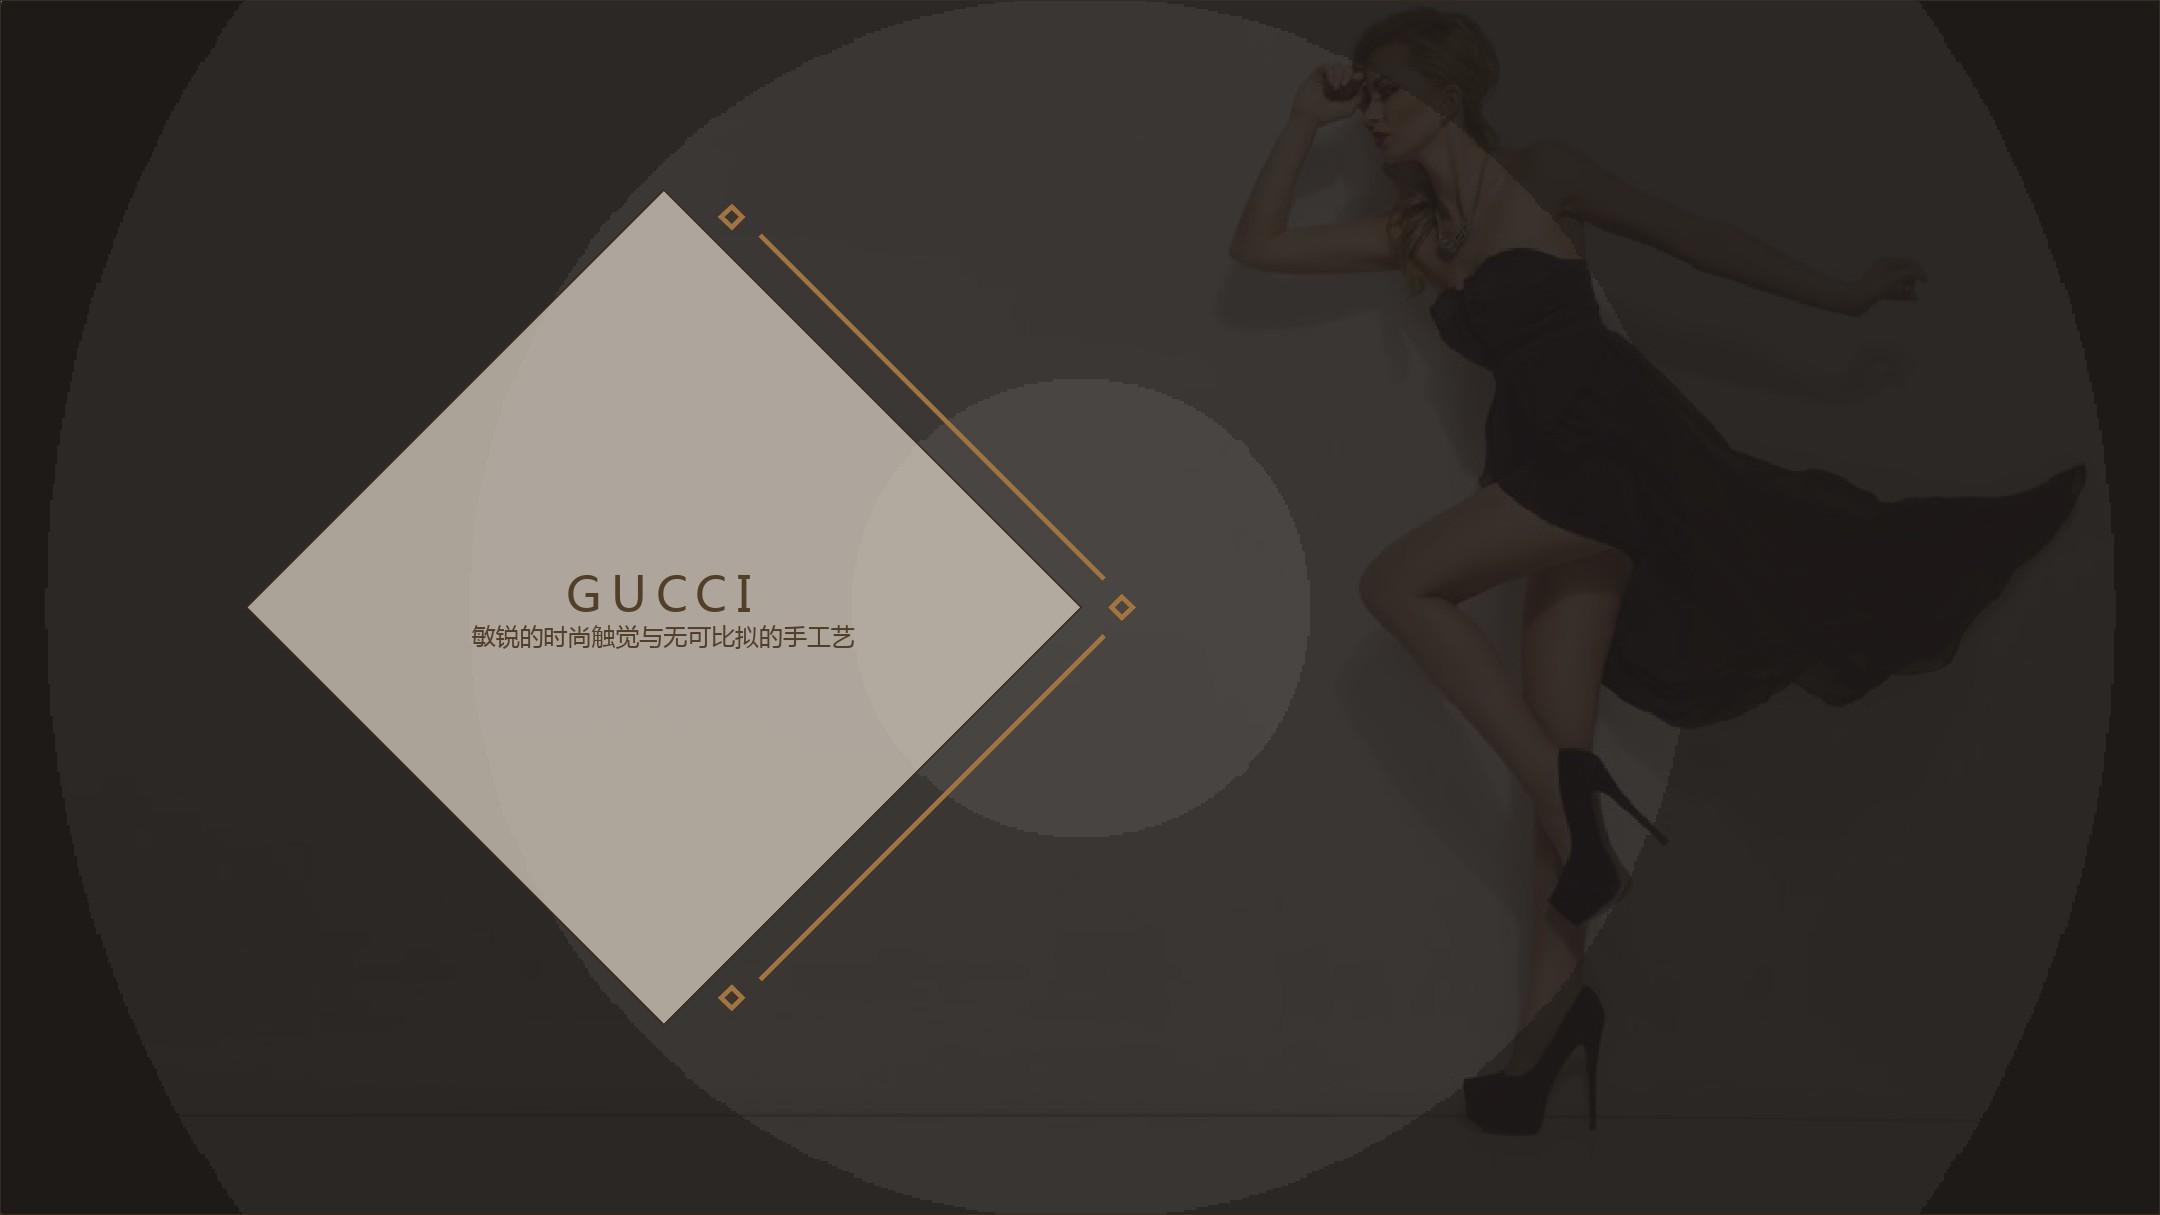 高端顶级品牌服装时尚风格ppt模板图片